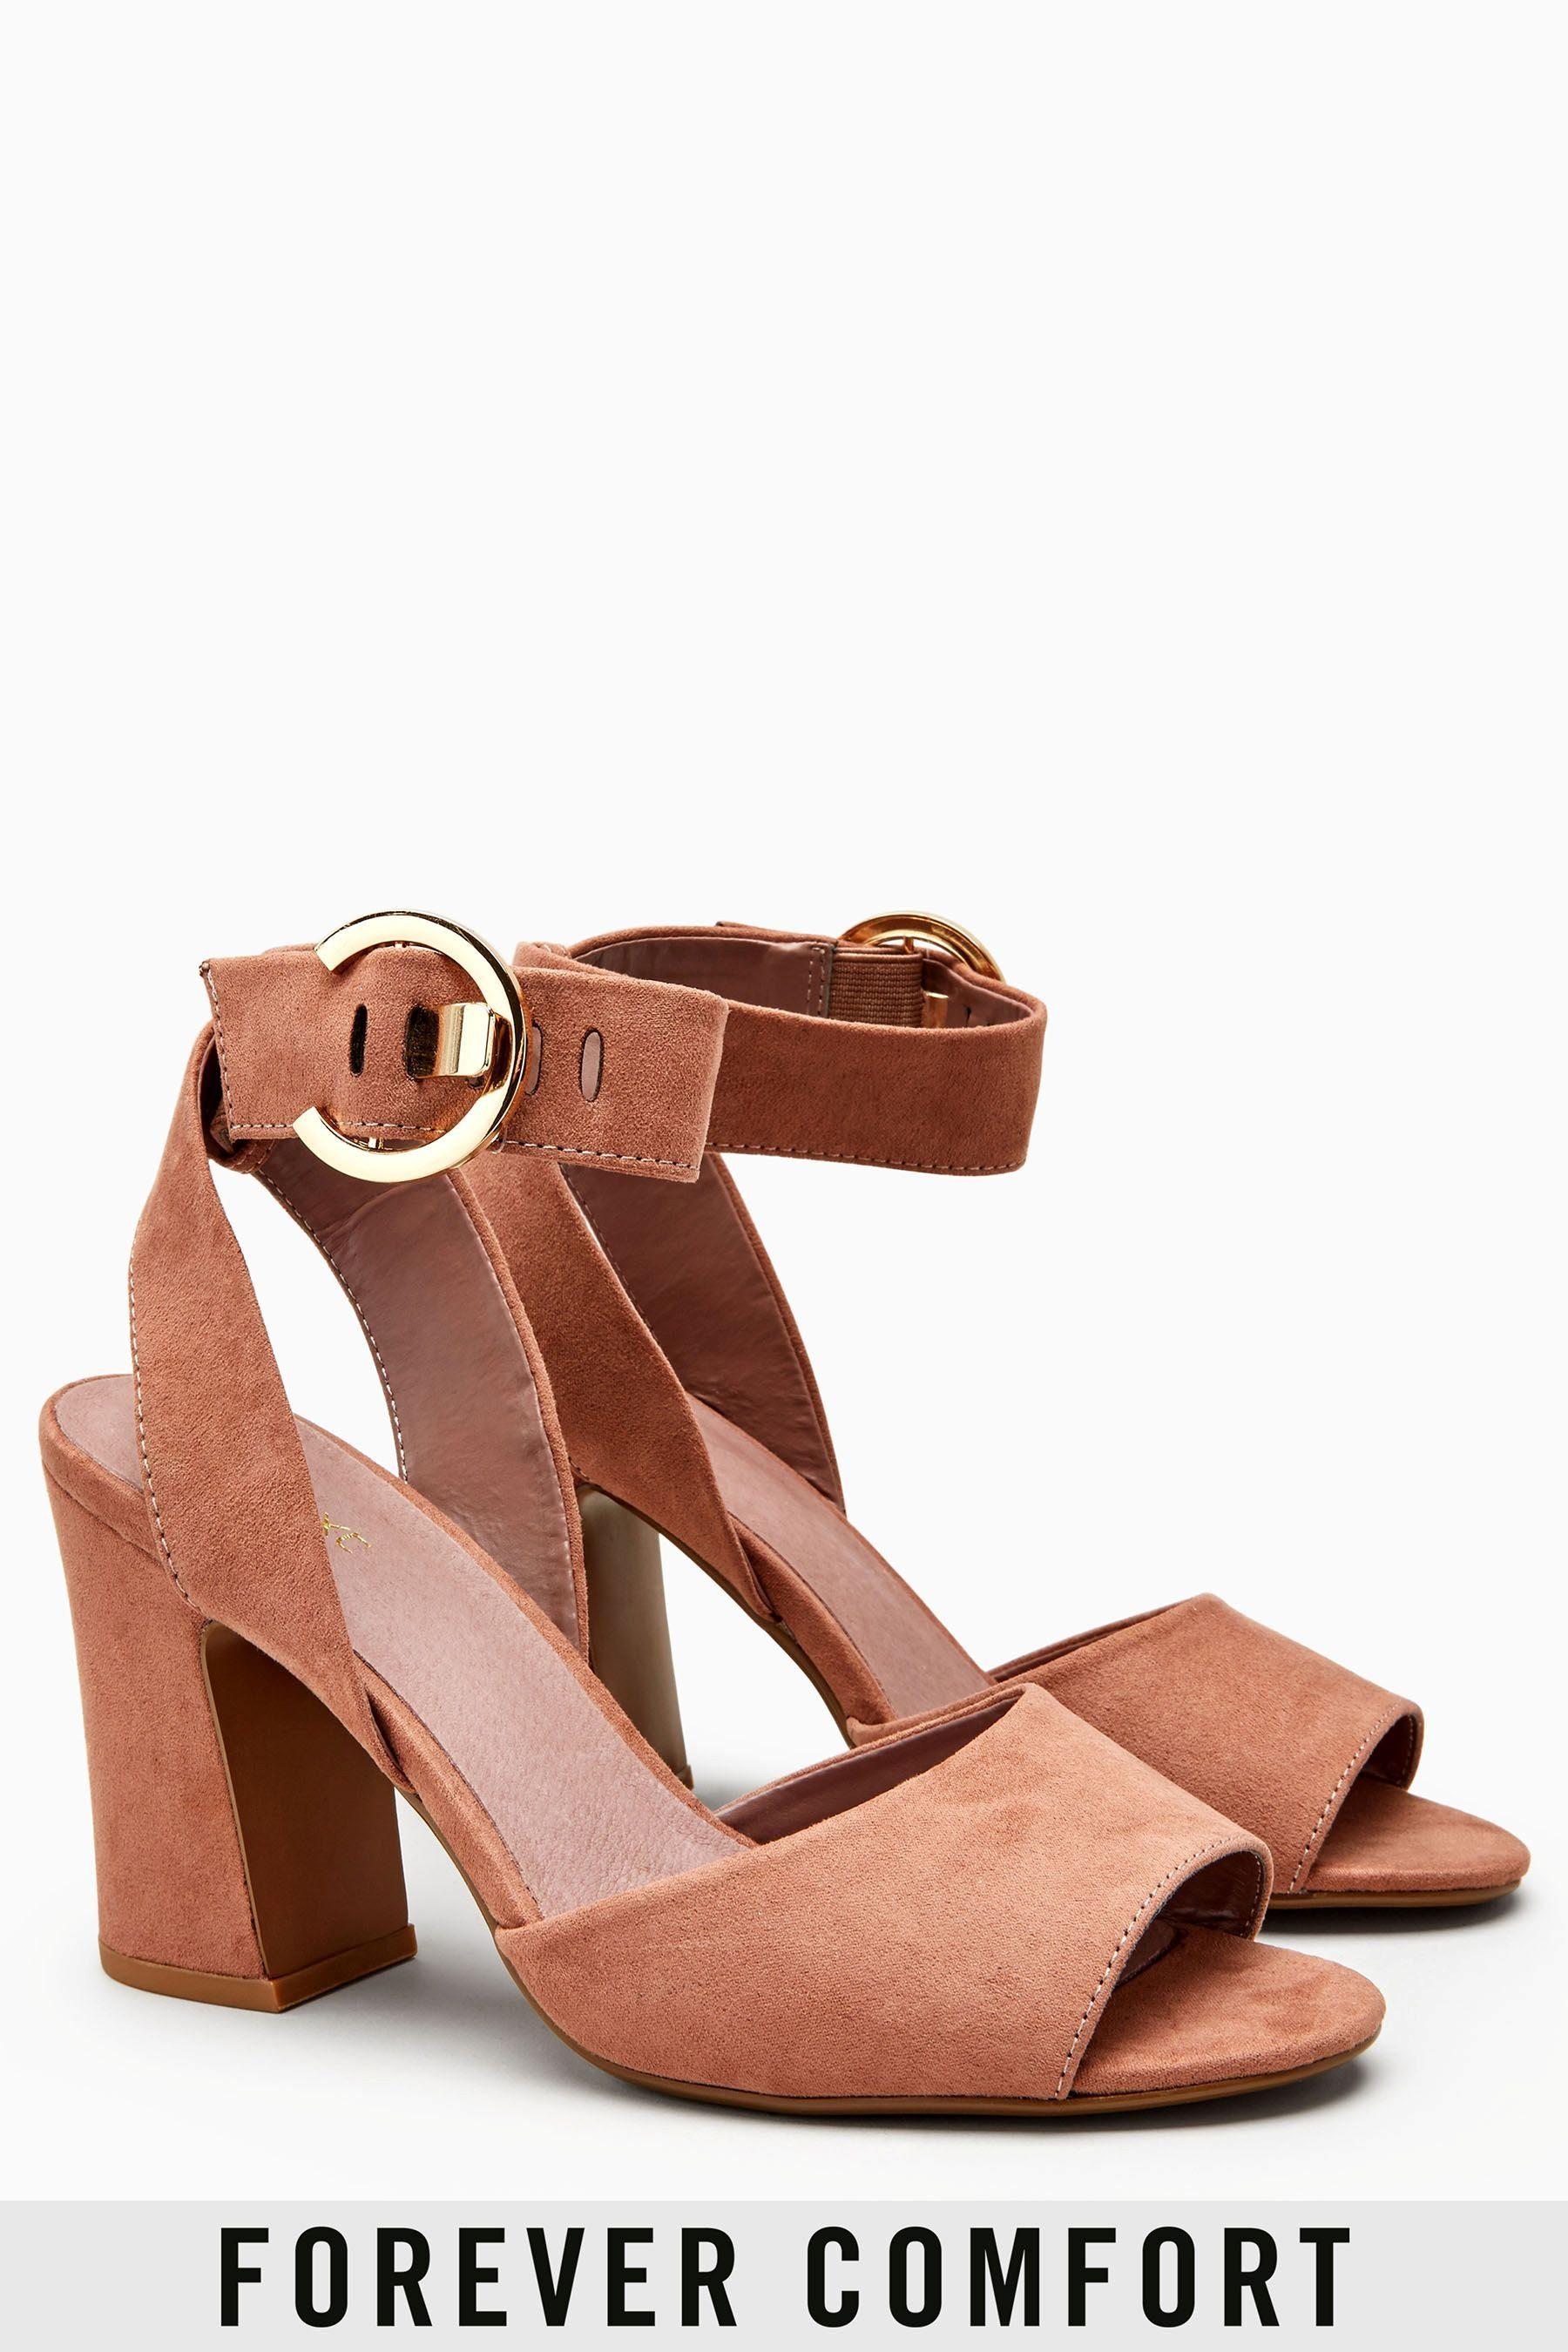 Next Sandale mit Schnallen online kaufen  Blush